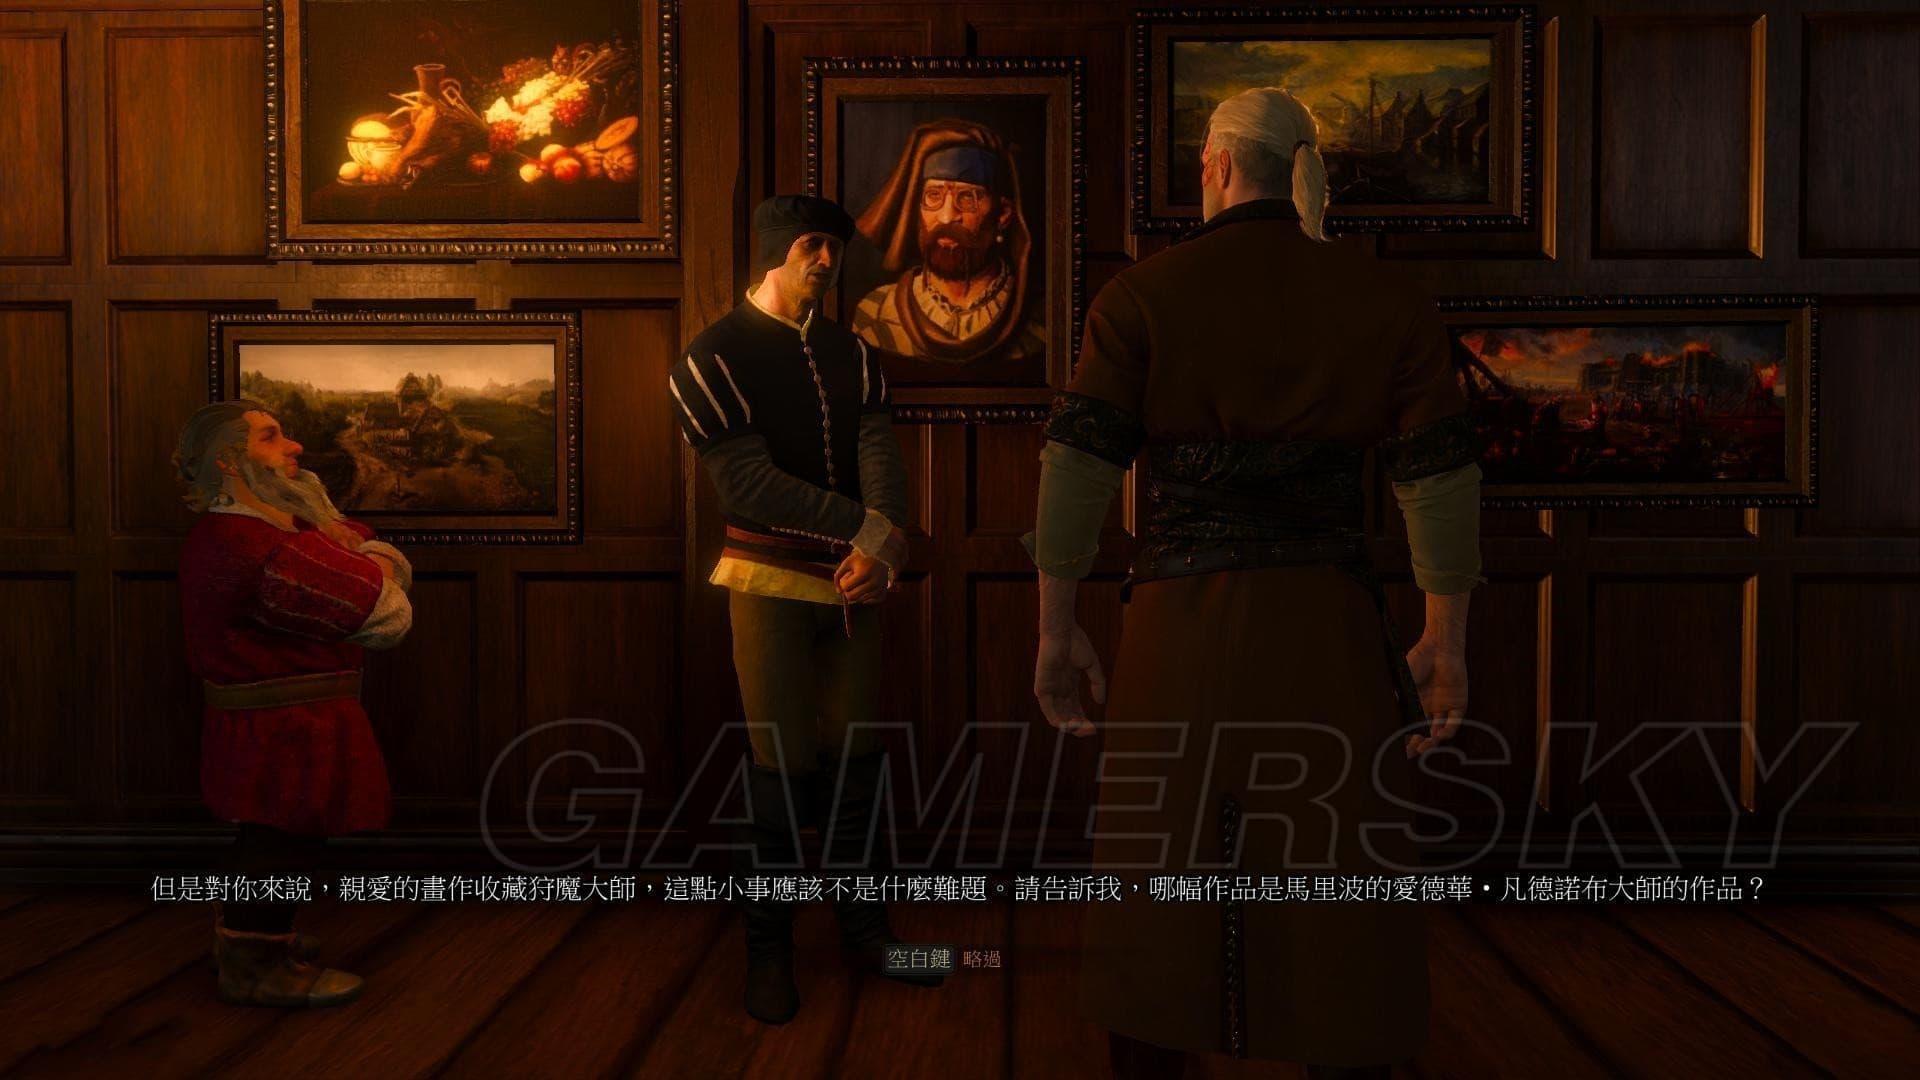 巫師3 DLC石之心瘋狂畫迷任務攻略 巫師3DLC石之心瘋狂畫迷任務怎麼做